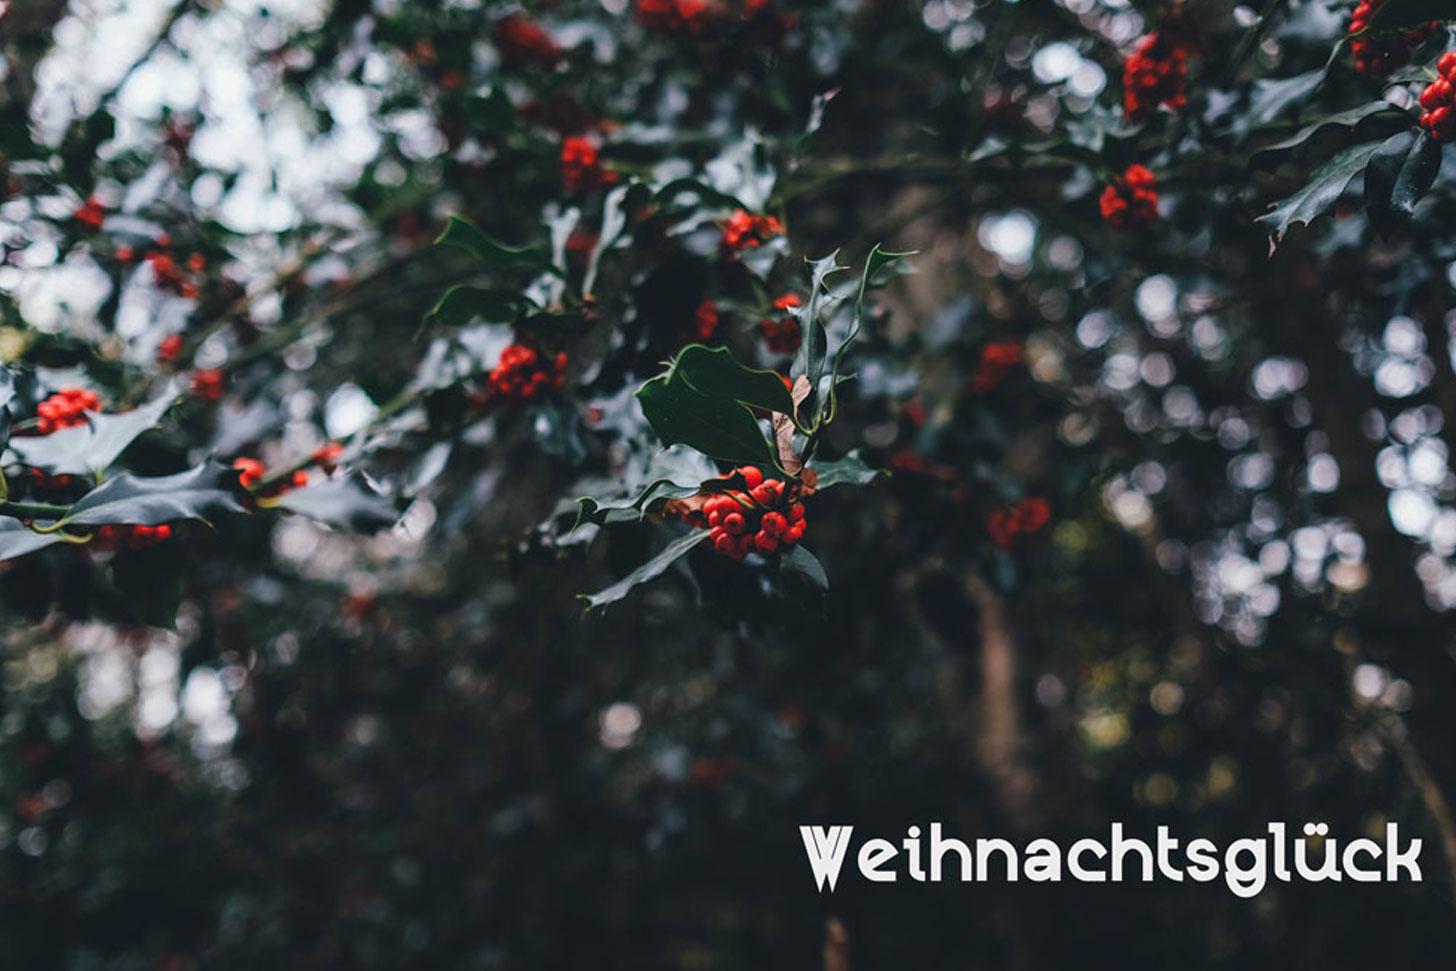 Weihnachtsglueck